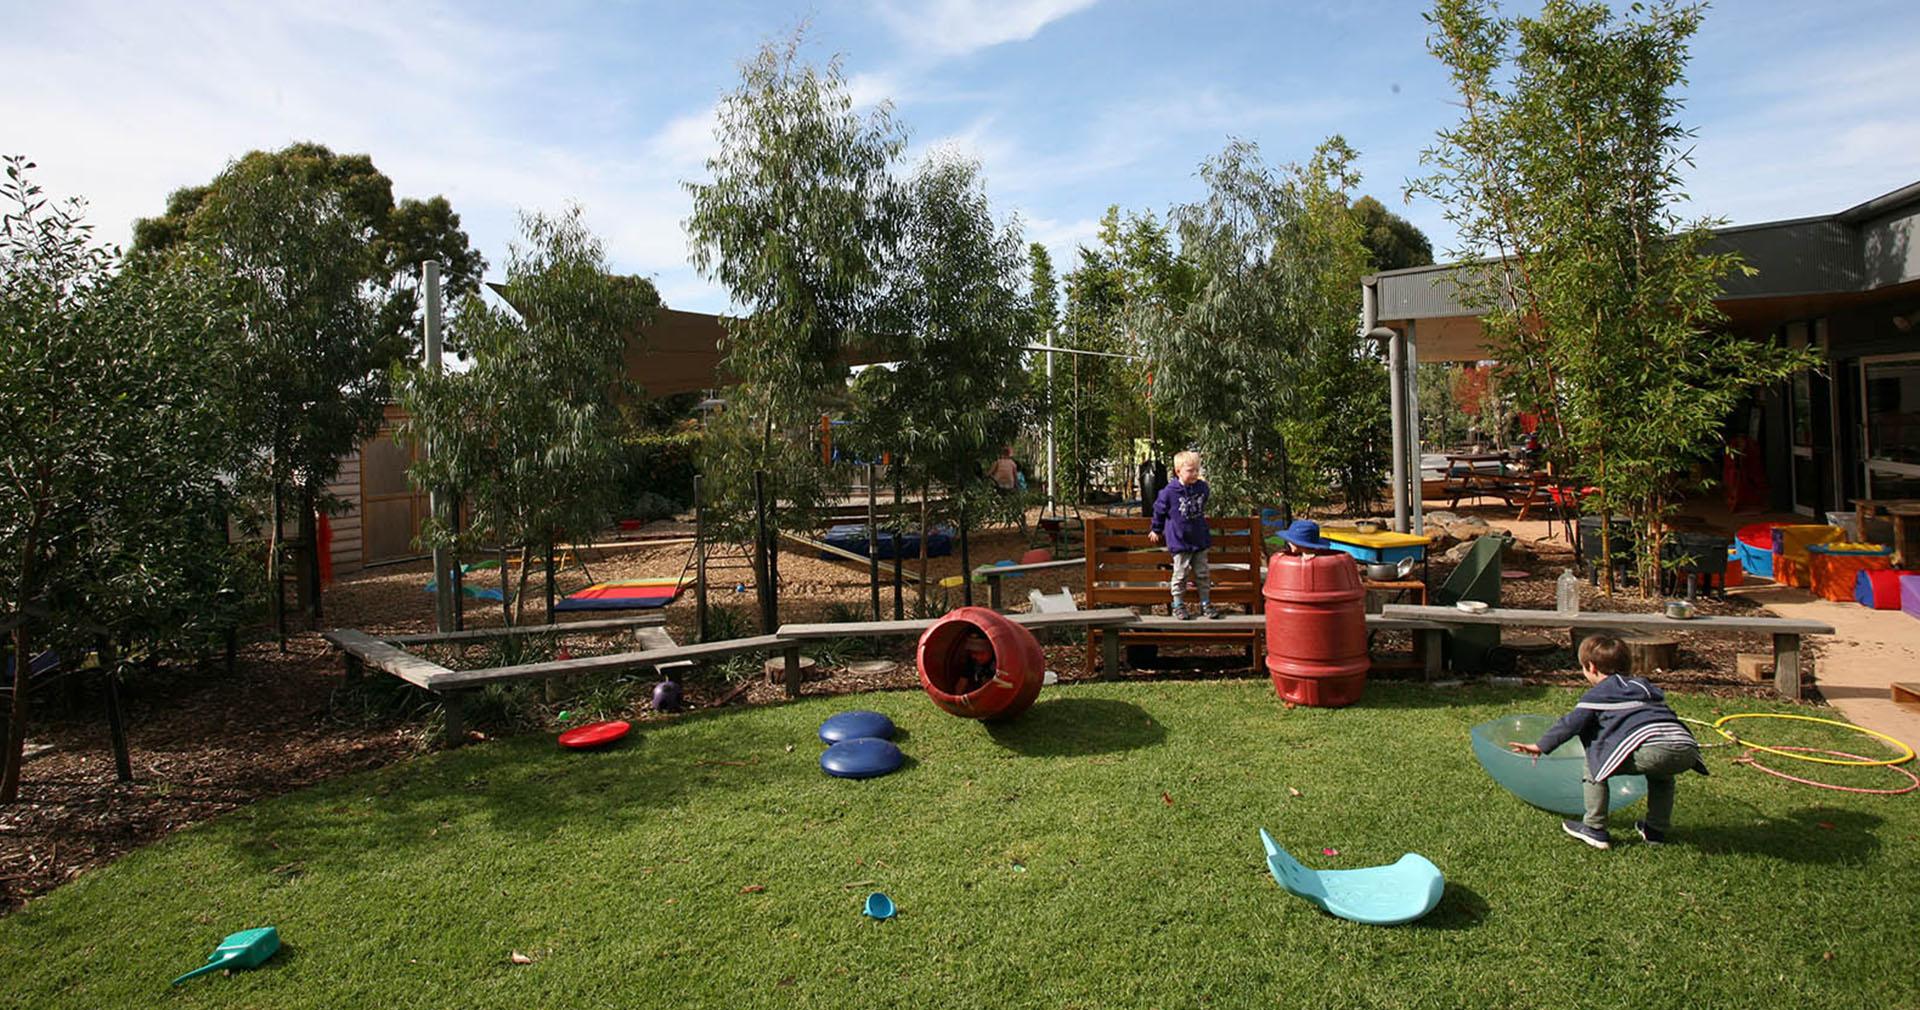 home_slider_0001_Highton Enhanced Children's Centre_0006s_0006_IMG_0426